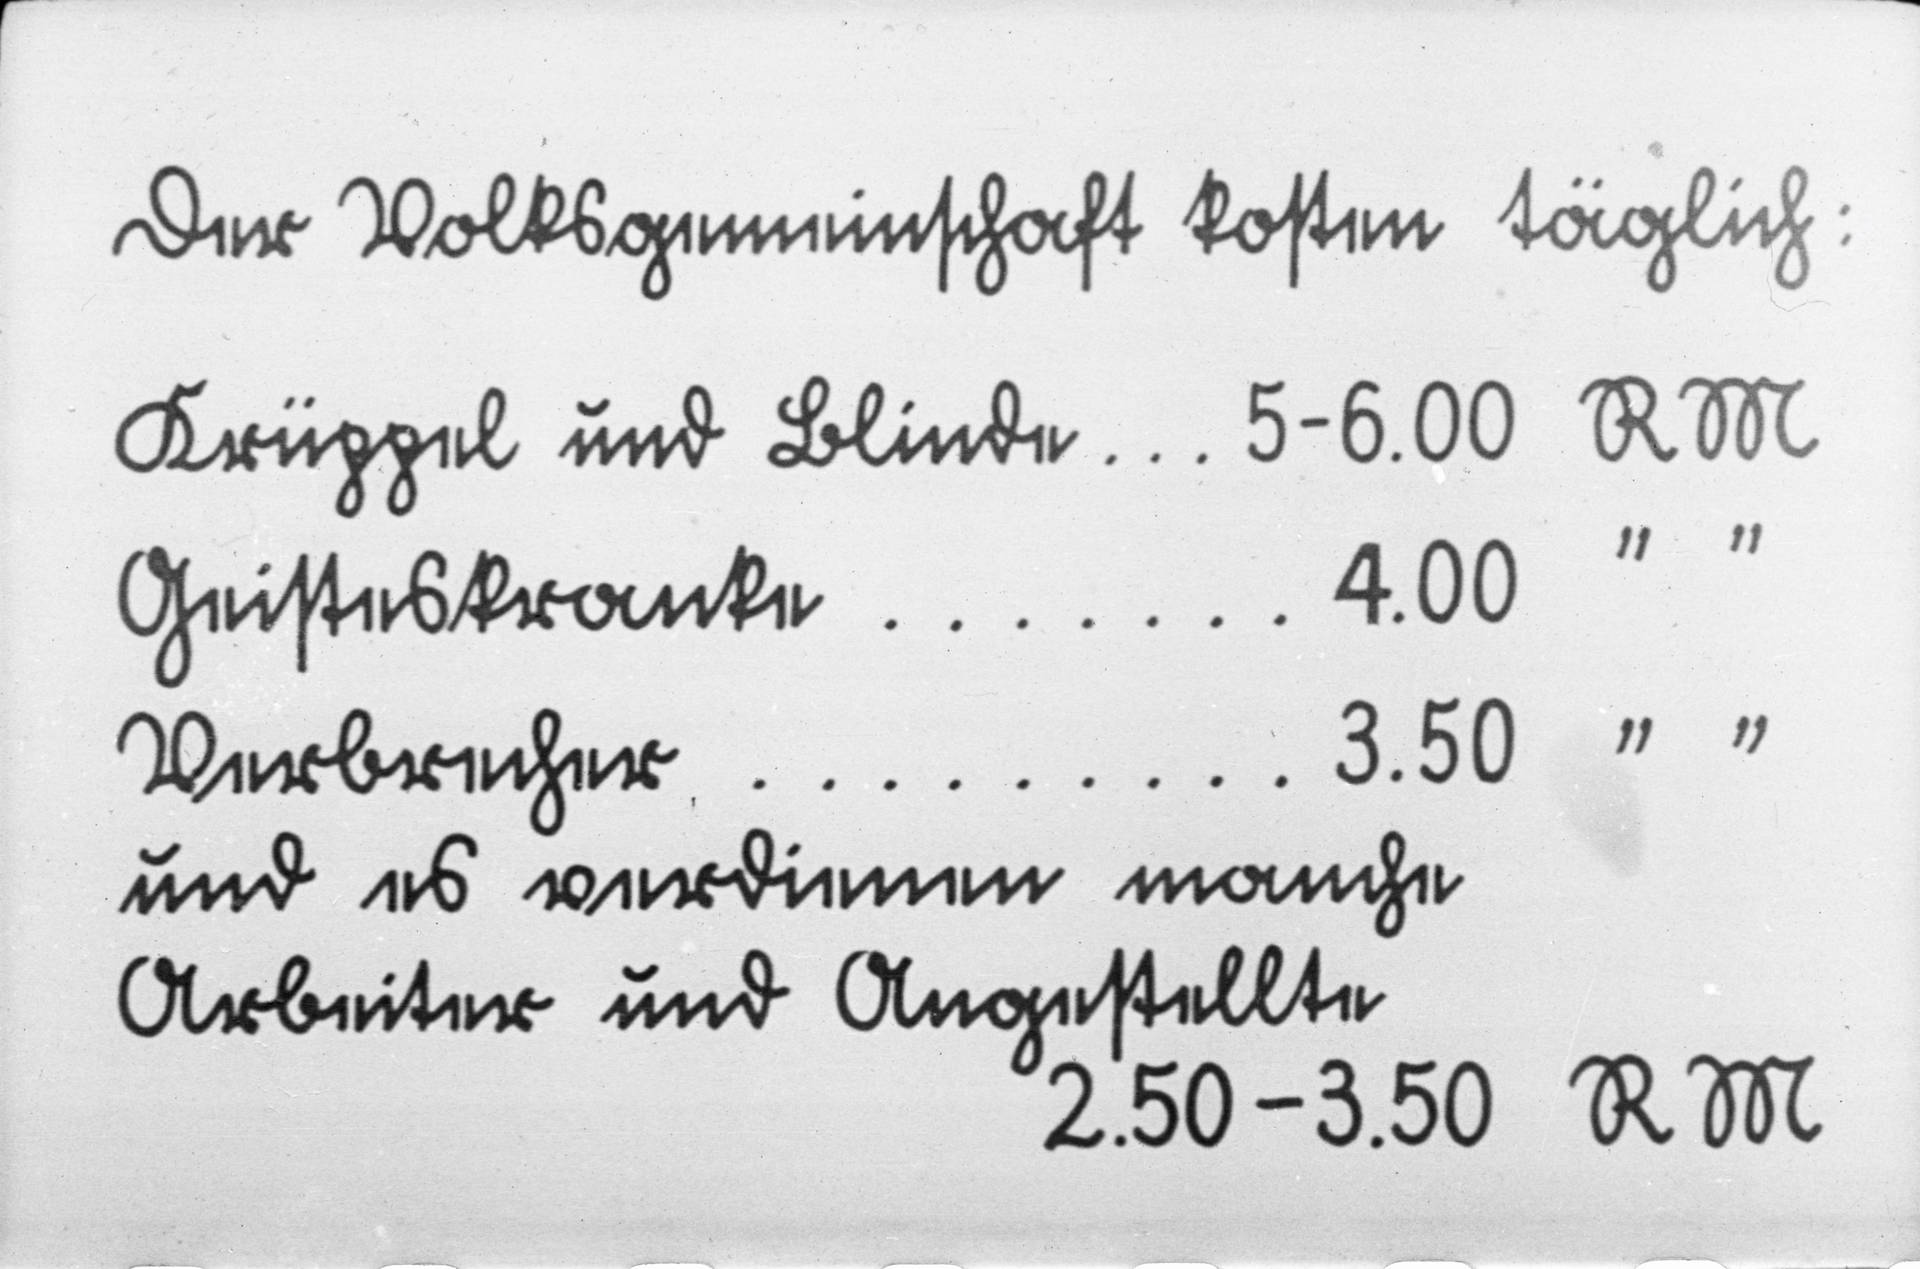 """""""Der Volksgemeinschaft kosten täglich: Krüppel und Blinde 5-6.00 RM (Reichsmark), Geisteskranke 4.00 RM, Verbrecher 3.50 RM und es verdienen manche Arbeiter und Angestellte 2.50-3.50 RM"""". So stellte die NS-Propaganda ihre Ideologie vor."""